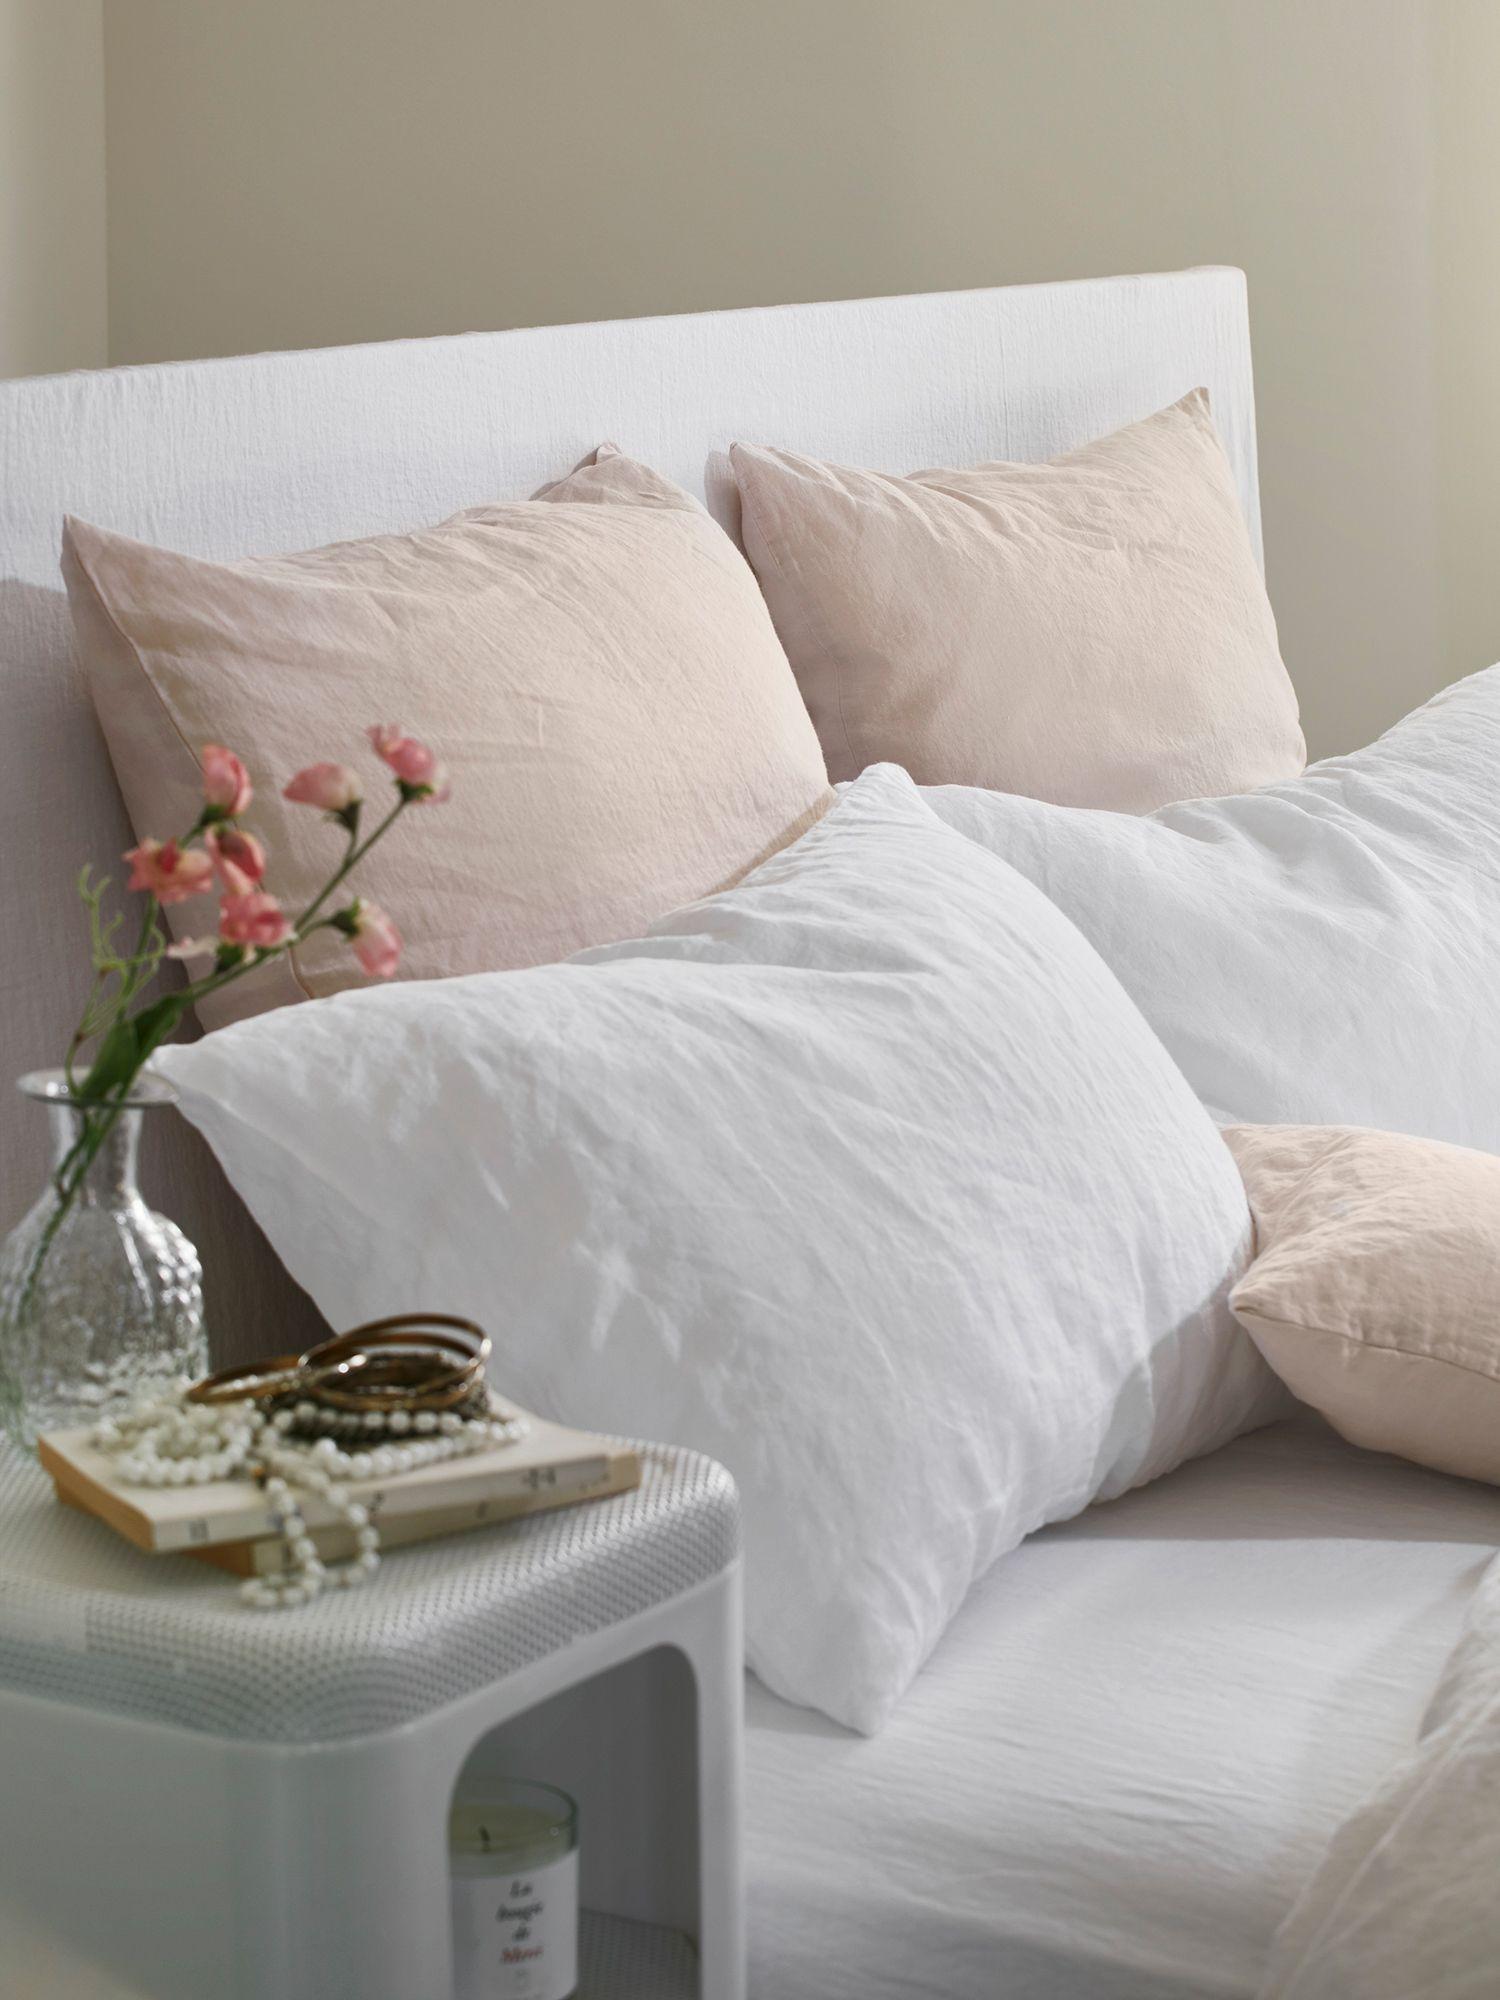 oreiller 65 Le linge de lit en lin lavé et froissé Merci | Taies d'oreiller 50  oreiller 65